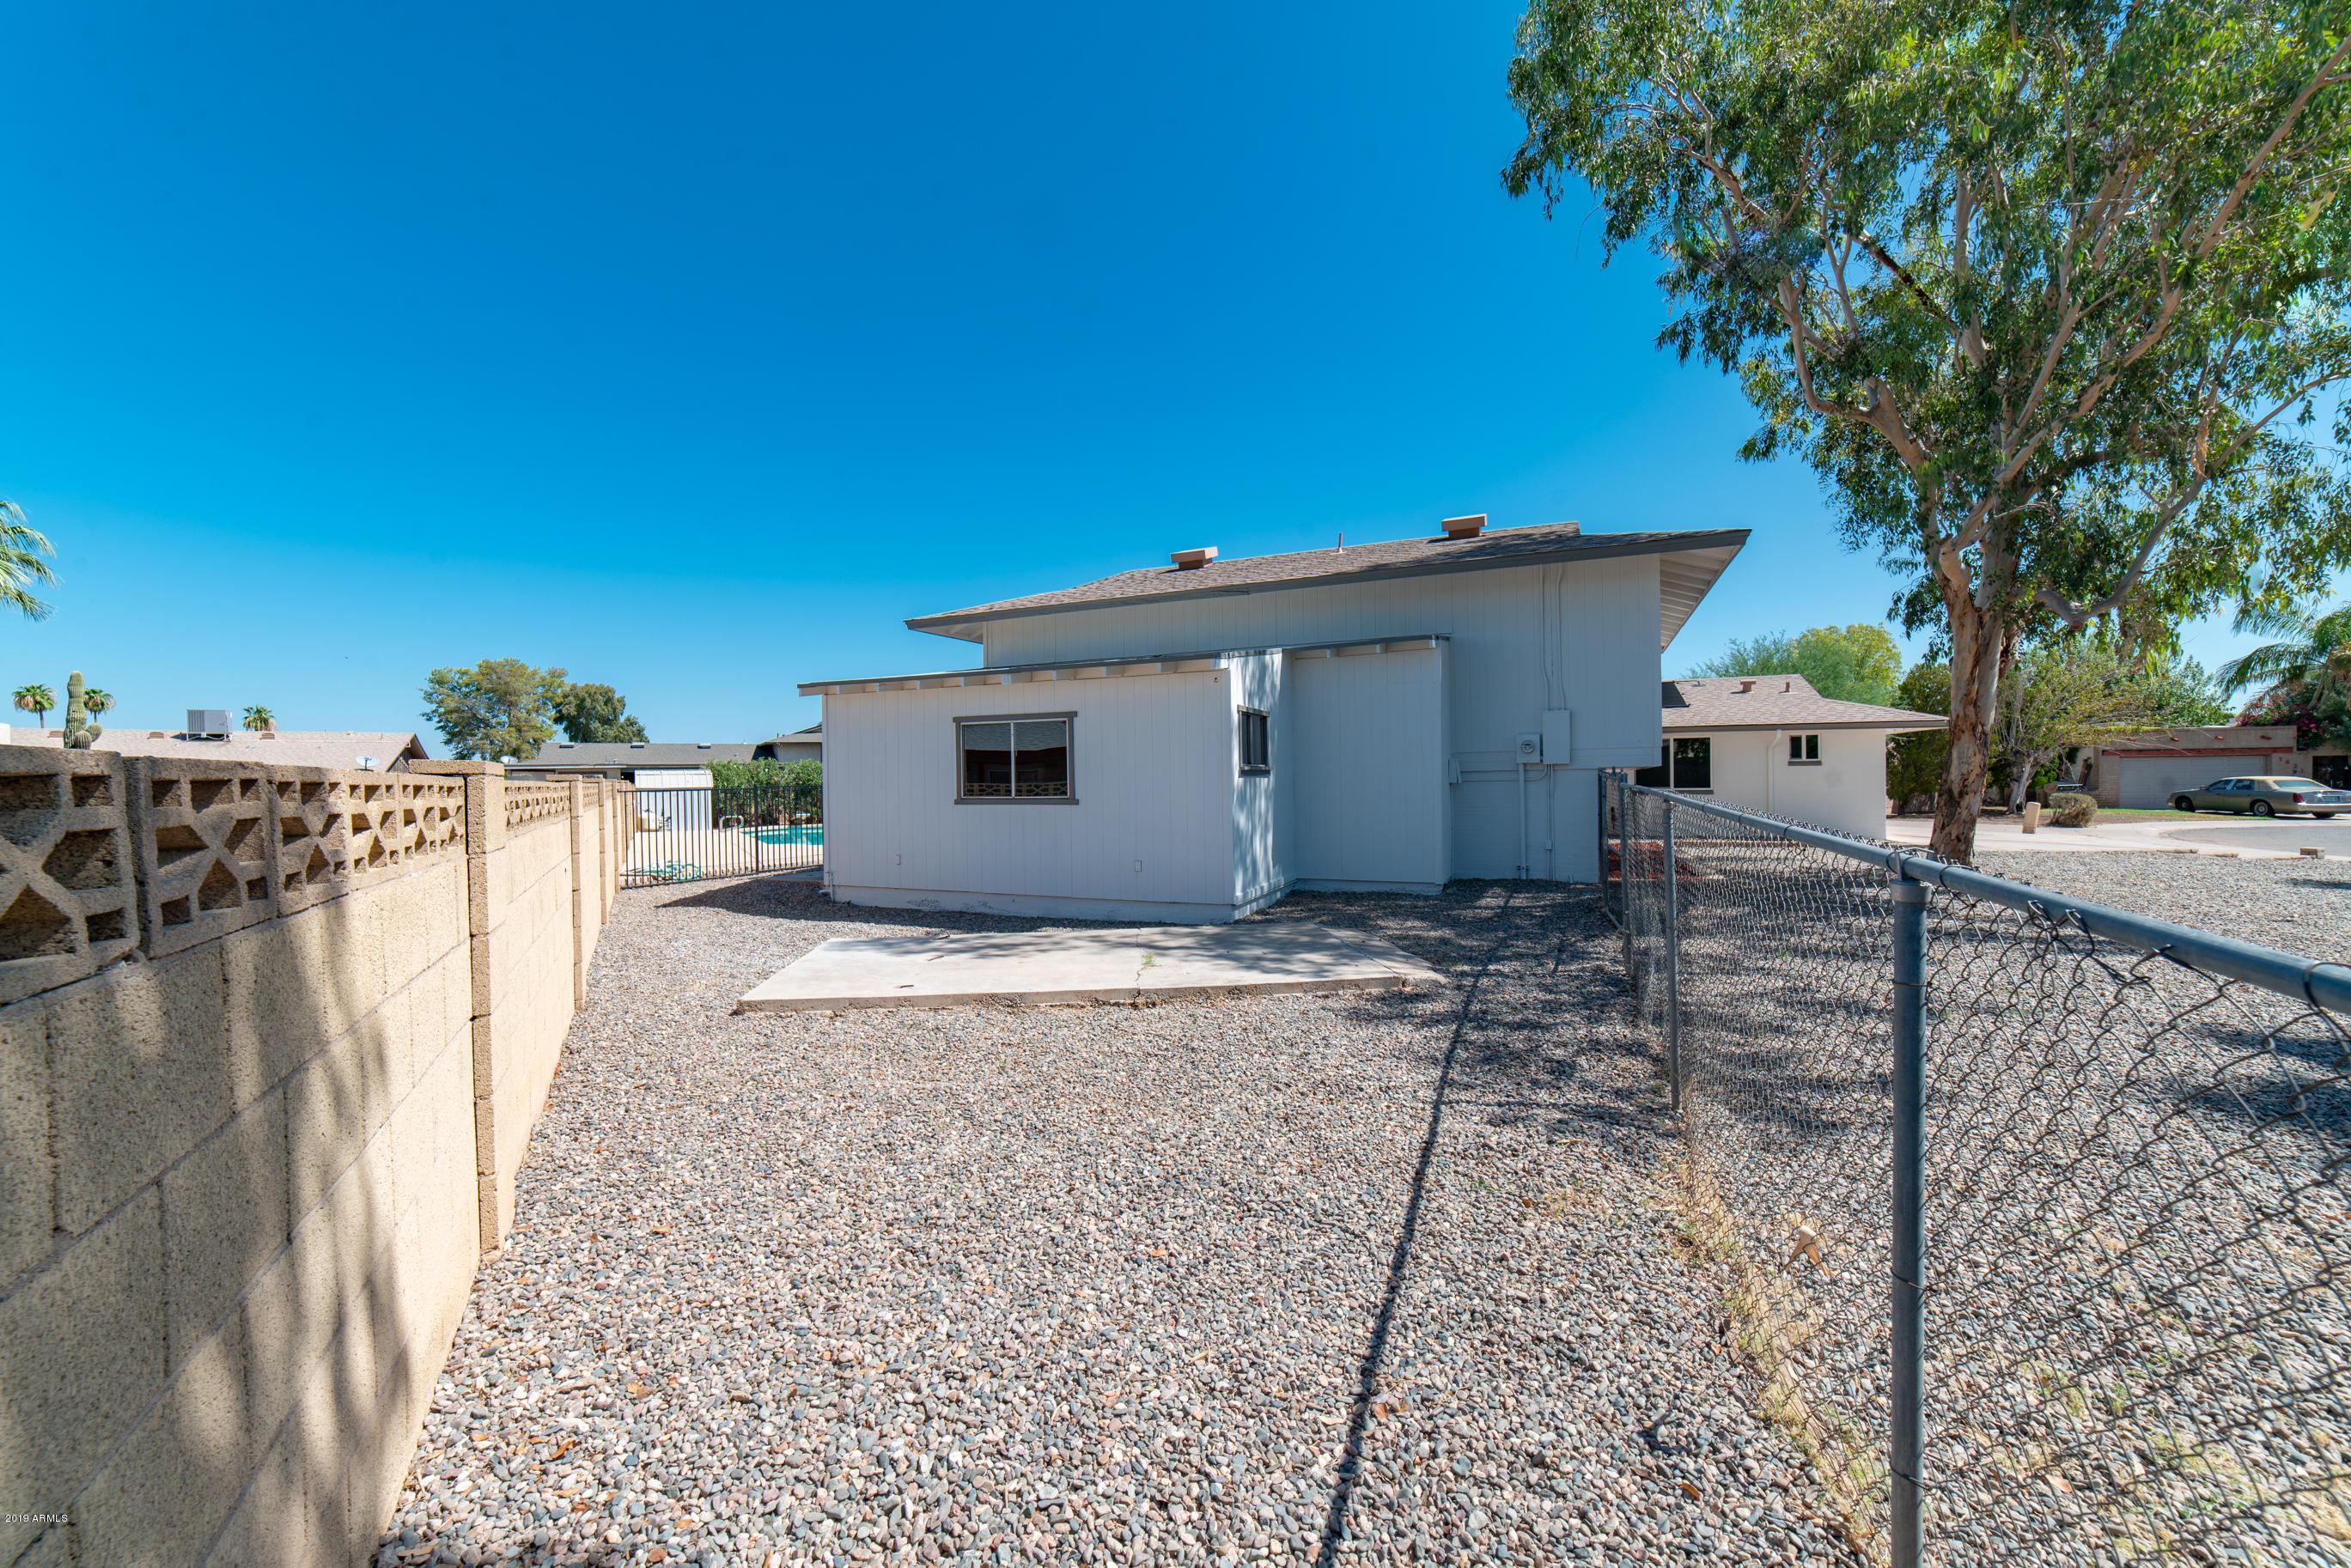 MLS 5972620 7622 N 47TH Drive, Glendale, AZ 85301 Glendale AZ Central Glendale